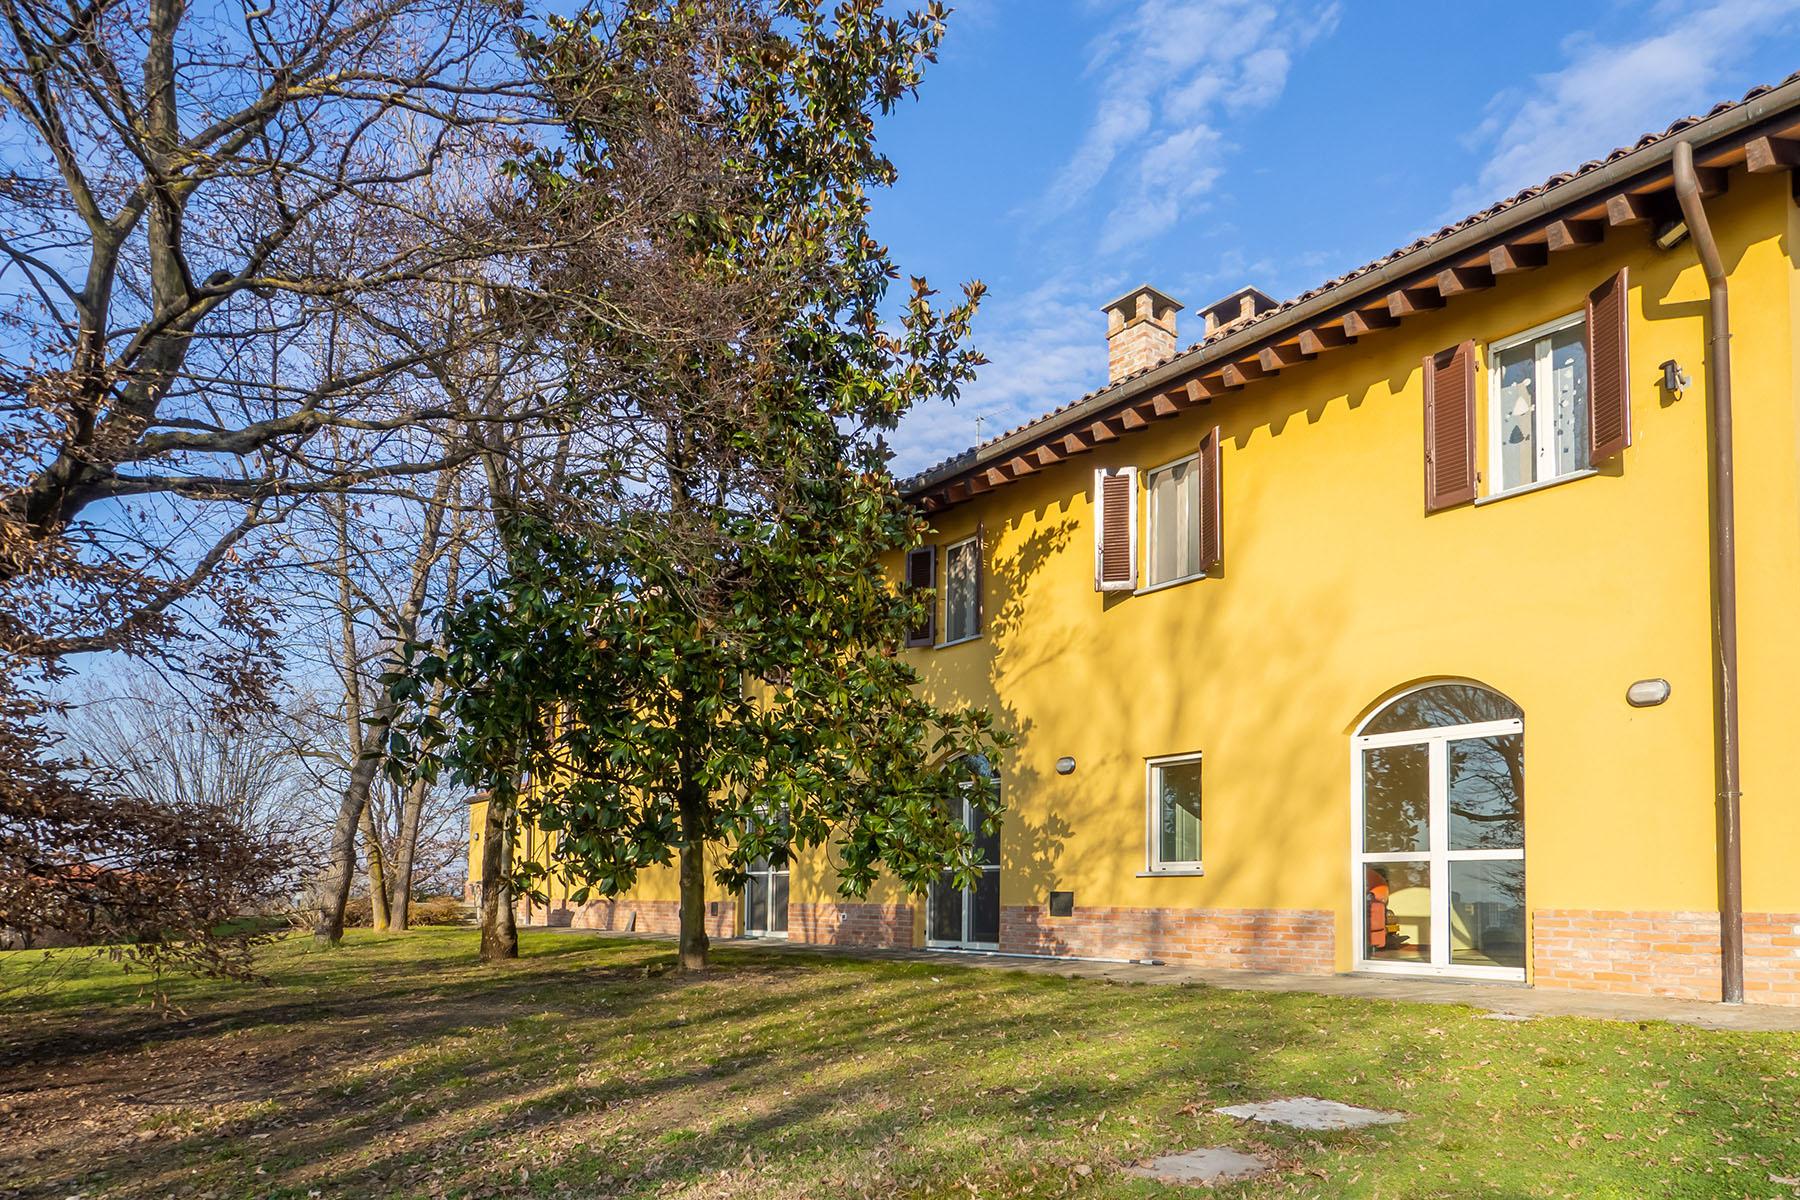 Villa in Vendita a Conzano: 5 locali, 420 mq - Foto 8